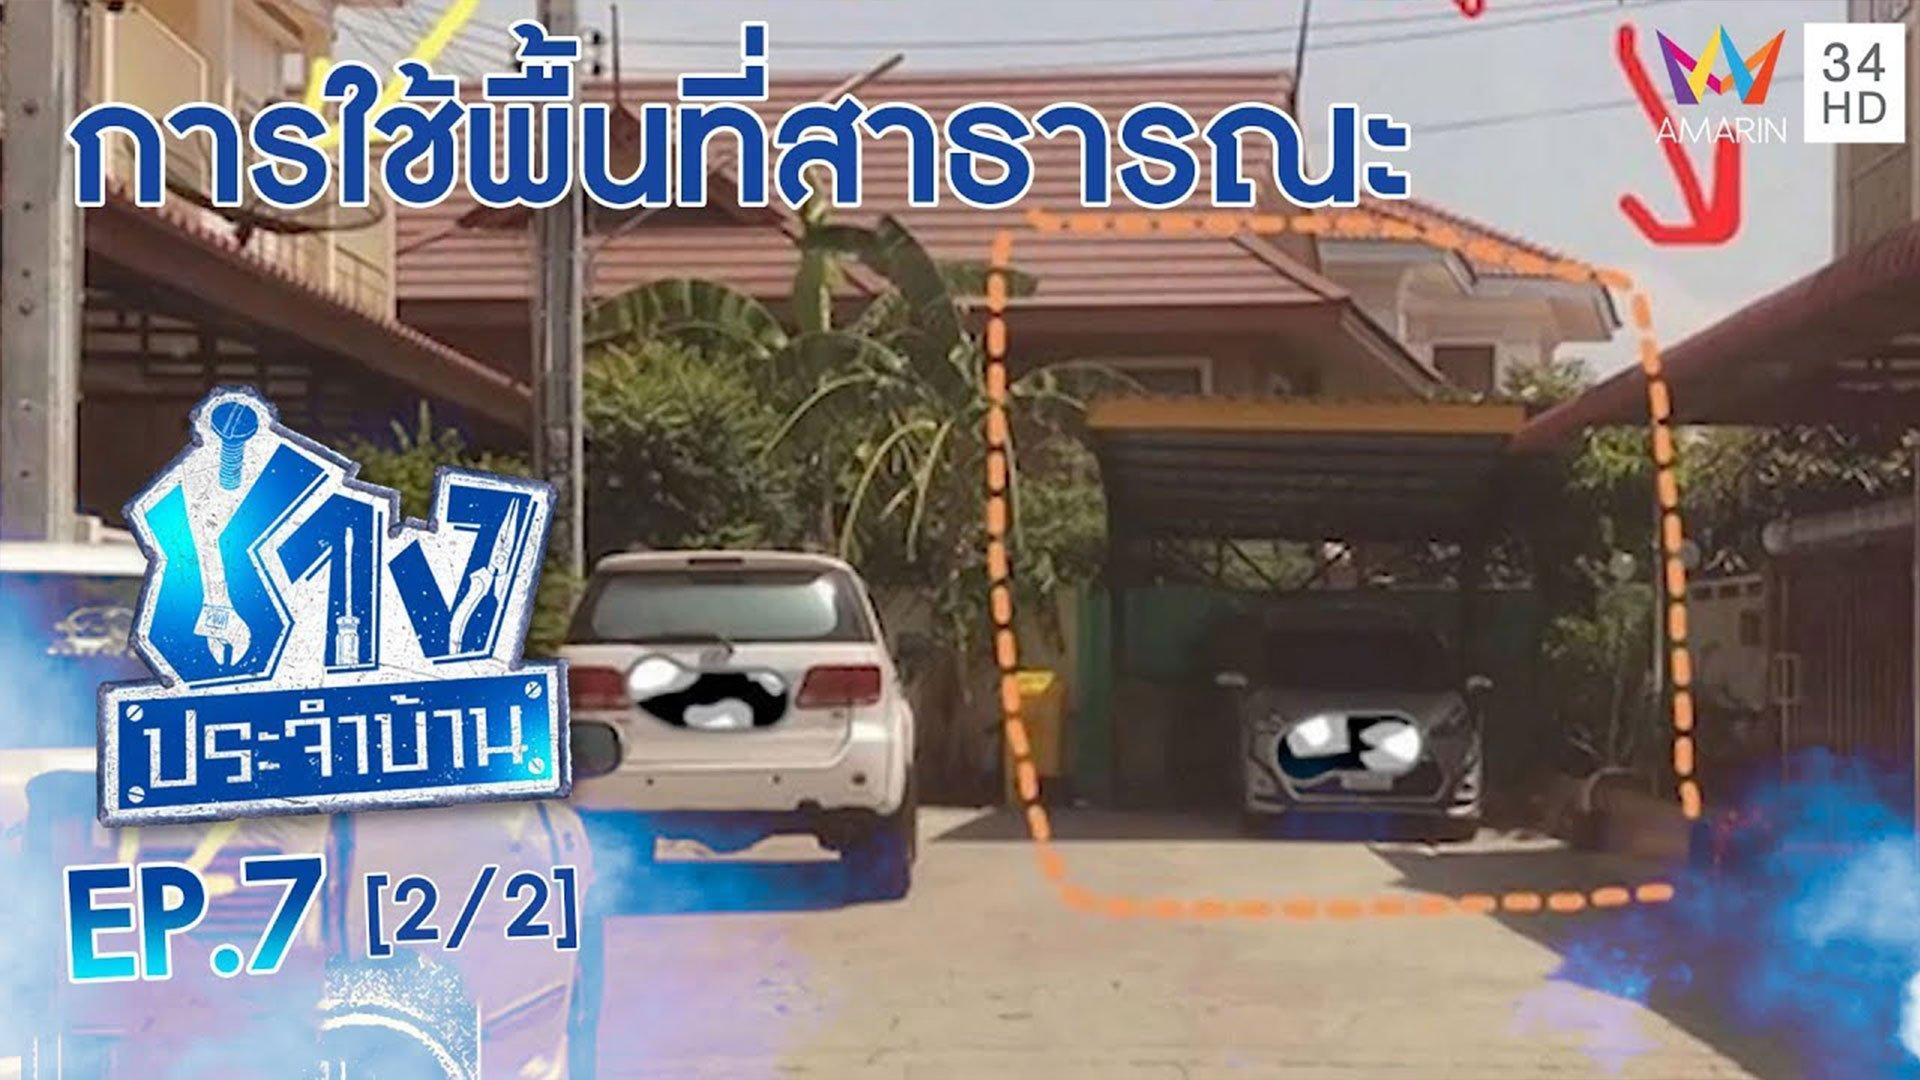 ช่างประจำบ้าน   EP.7 กฏหมายในการใช้พื้นที่สาธารณะ   ช่างตอบ (2/2)   14 มี.ค. 63   AMARIN TVHD34